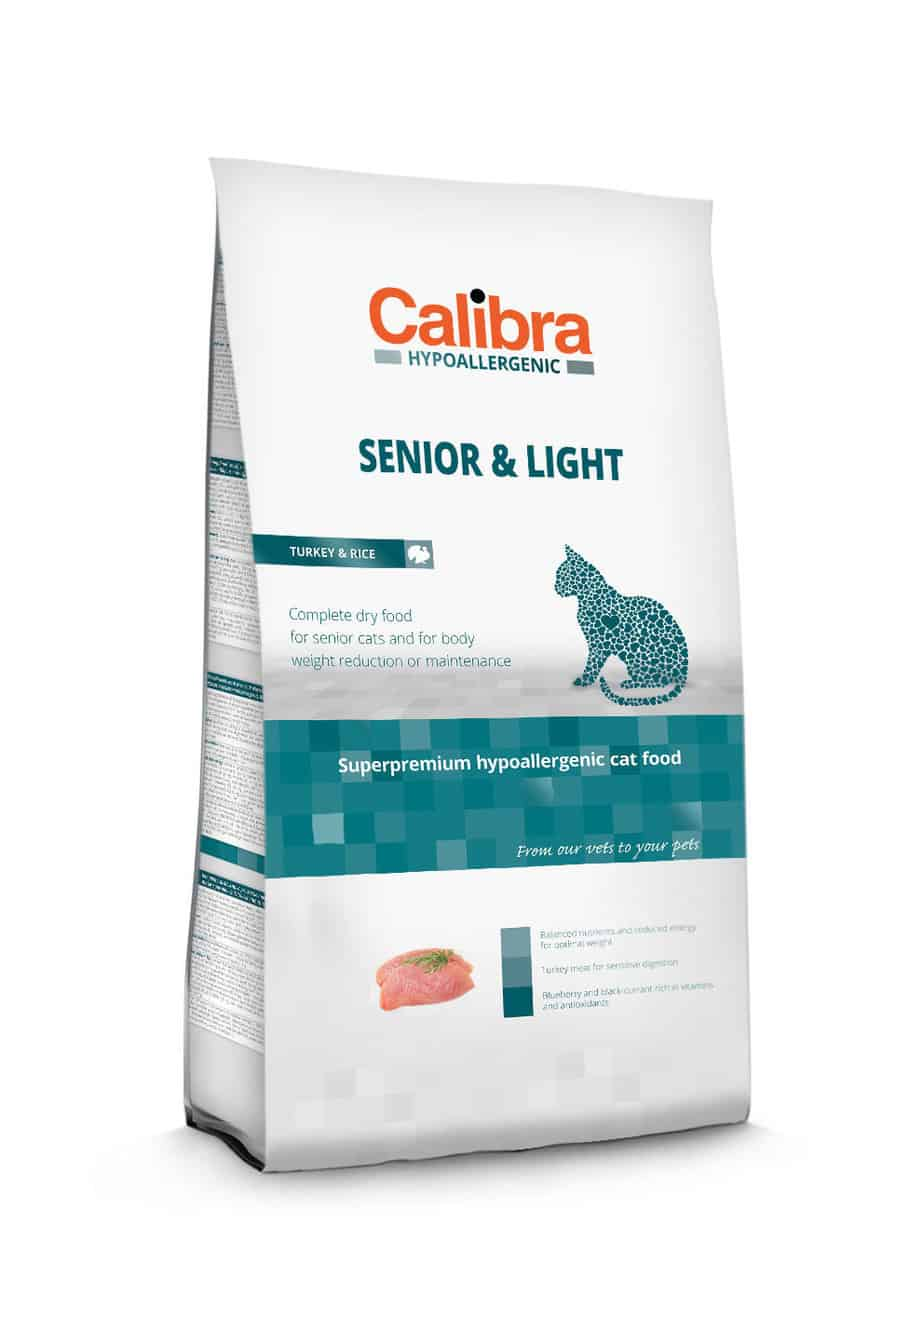 Calibra Cat Hypoallergenic Senior & Light / Turkey & Rice